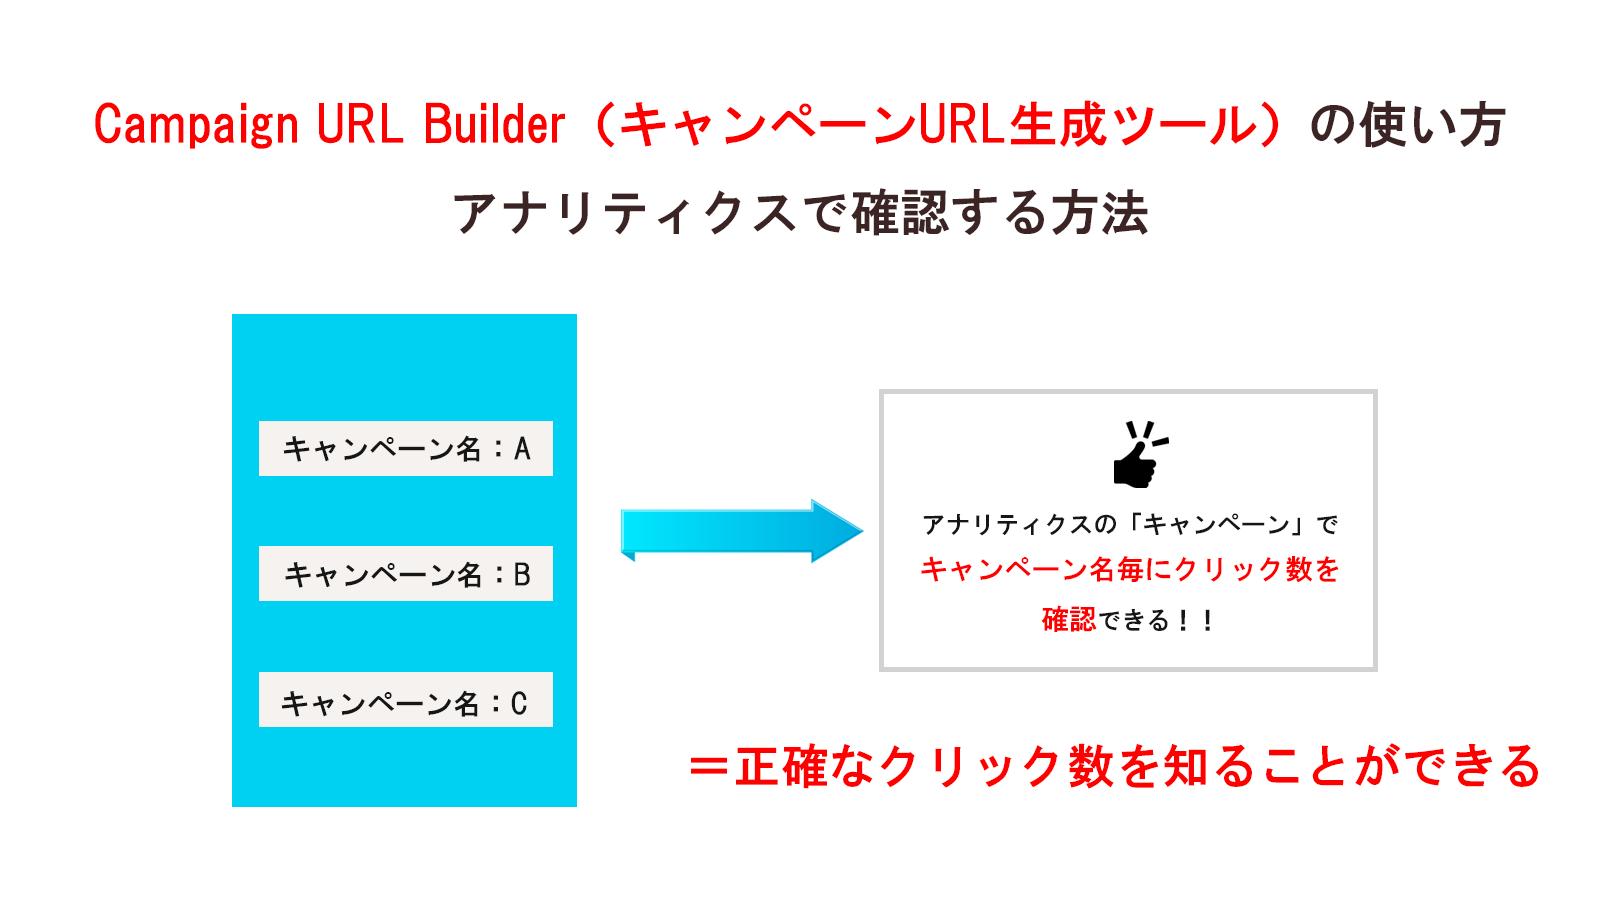 Campaign URL Builder(キャンペーンURLビルダー)の使い方とアナリティクスで確認する方法